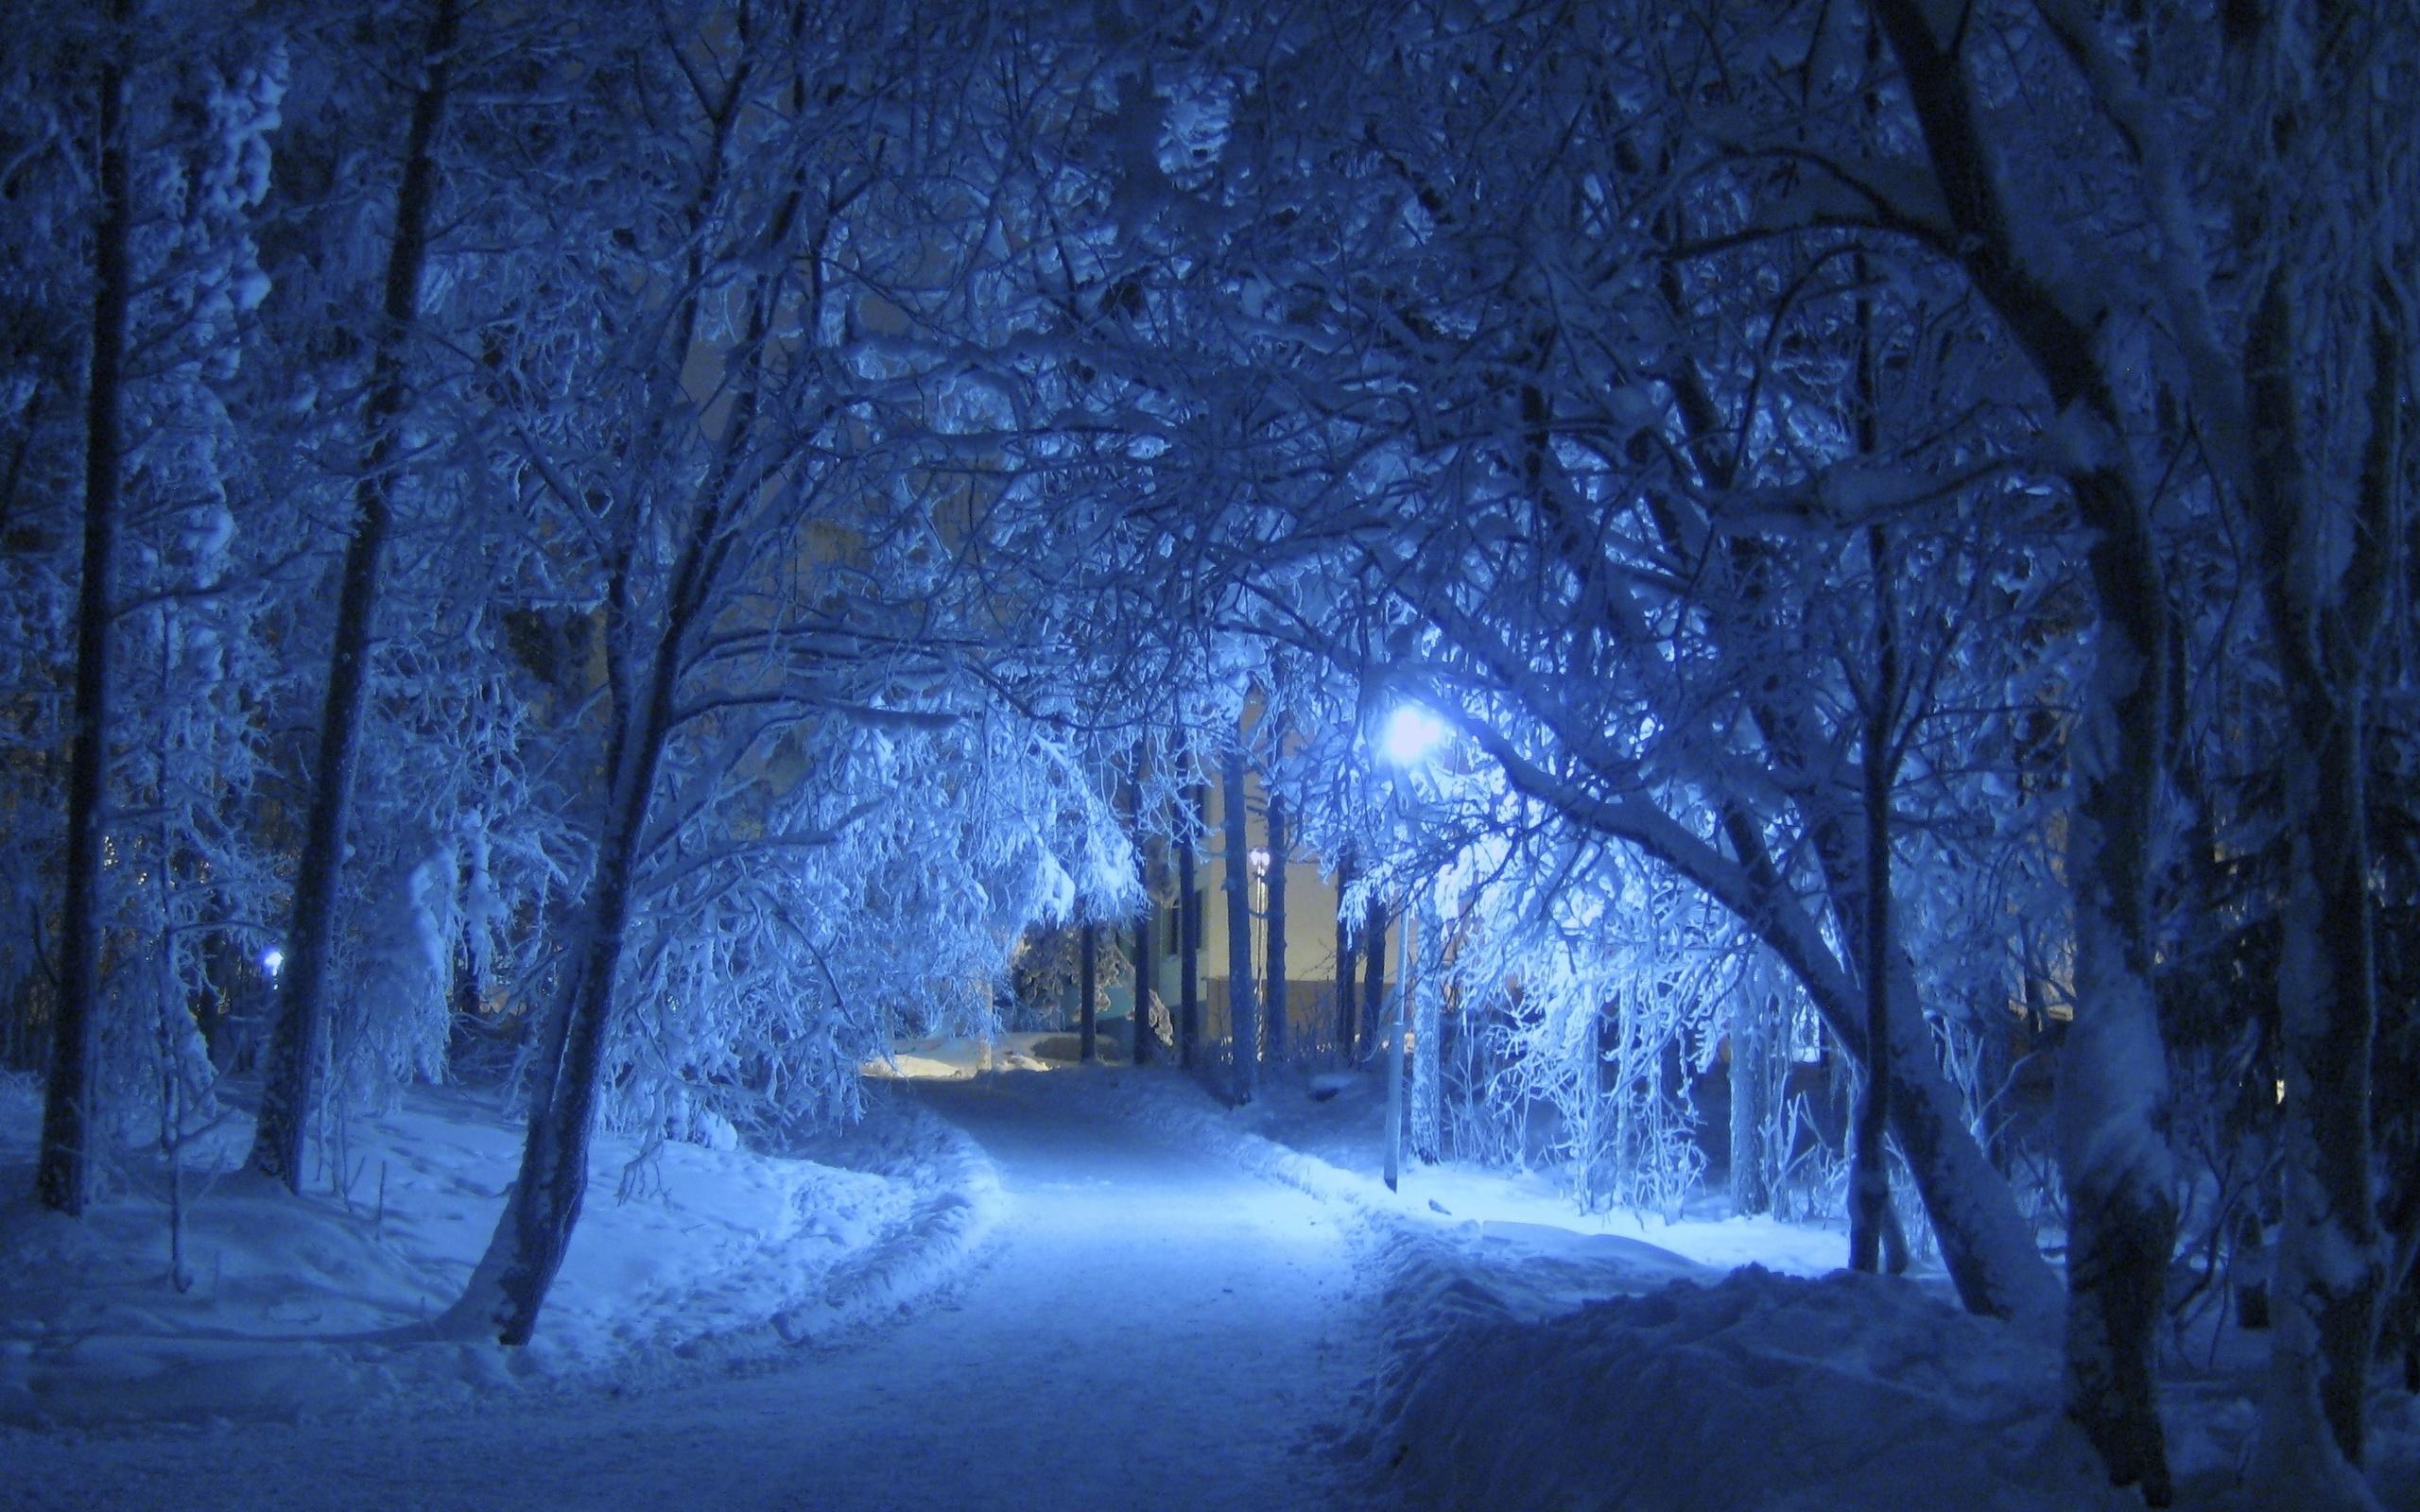 любой, красивые зимние ночные пейзажи фото сказал, что